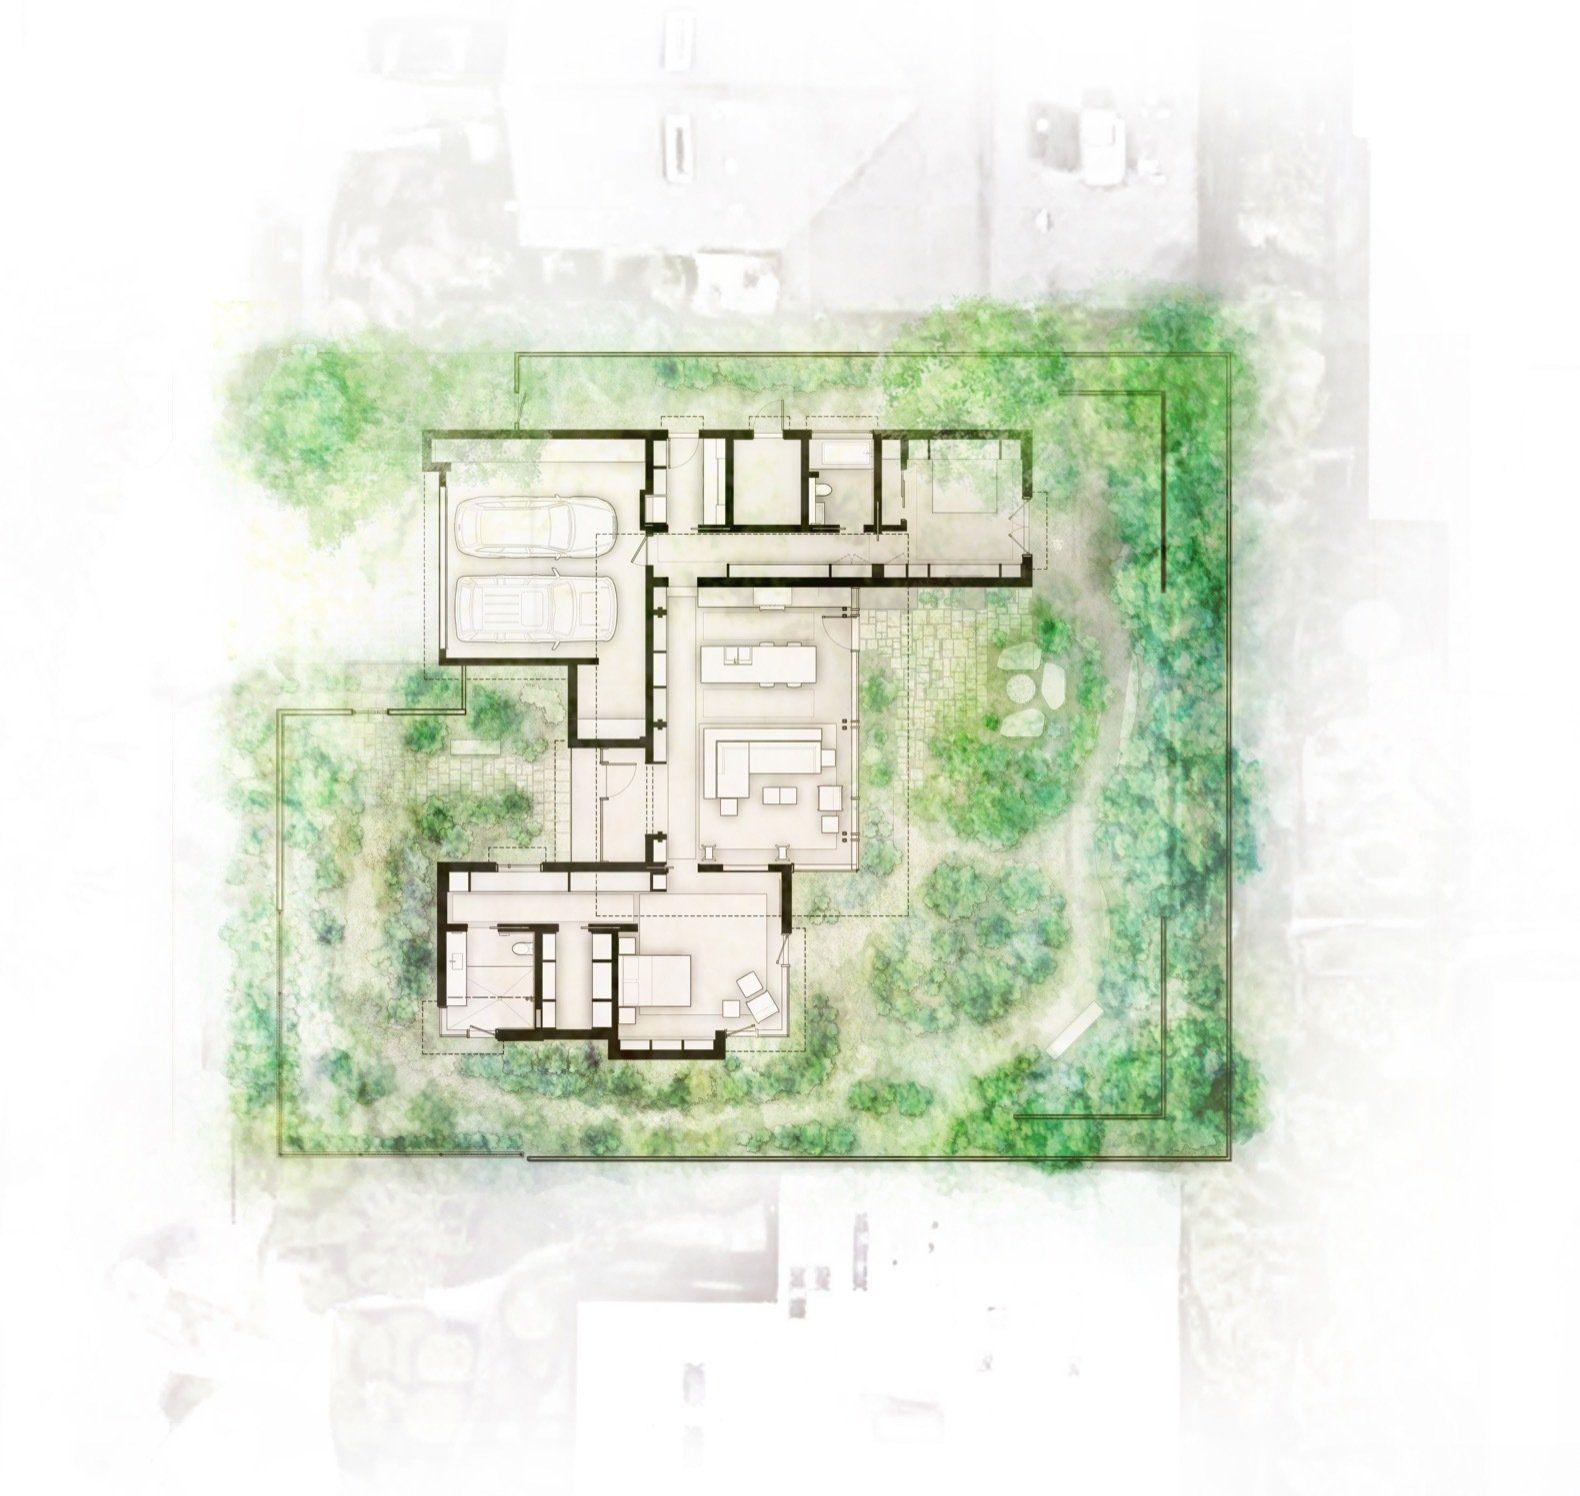 Planet Sks Mangalore Floor Plans